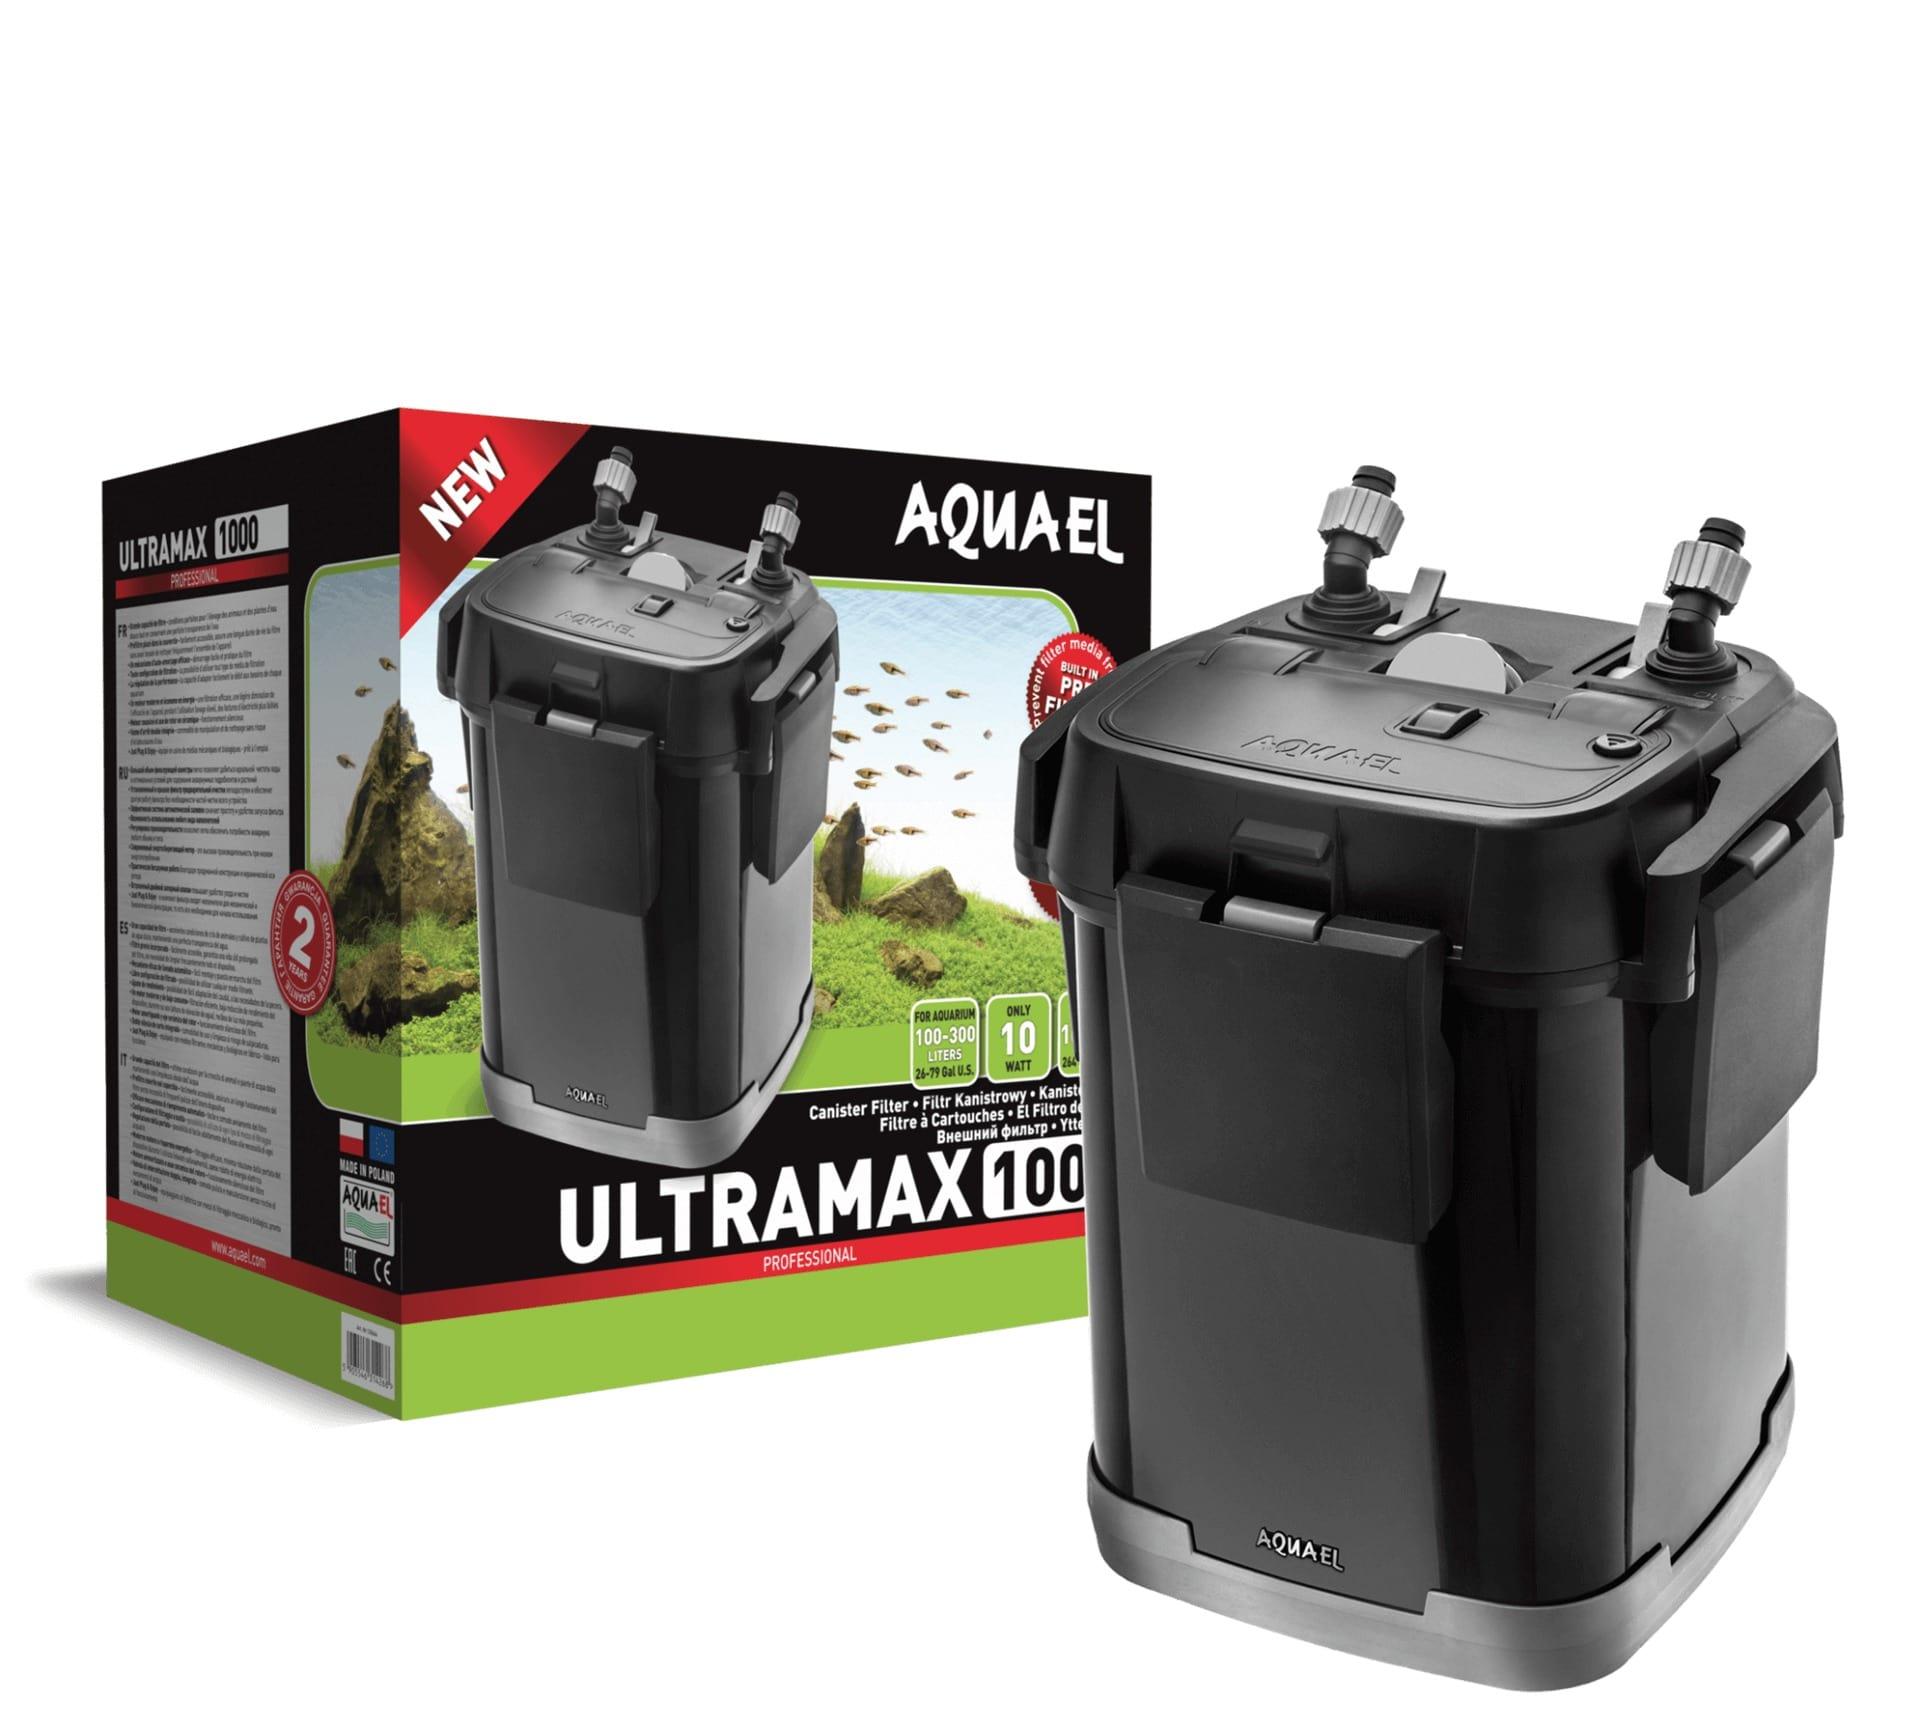 AQUAEL UltraMax 1000 filtre externe complet pour aquarium de 100 à 300L